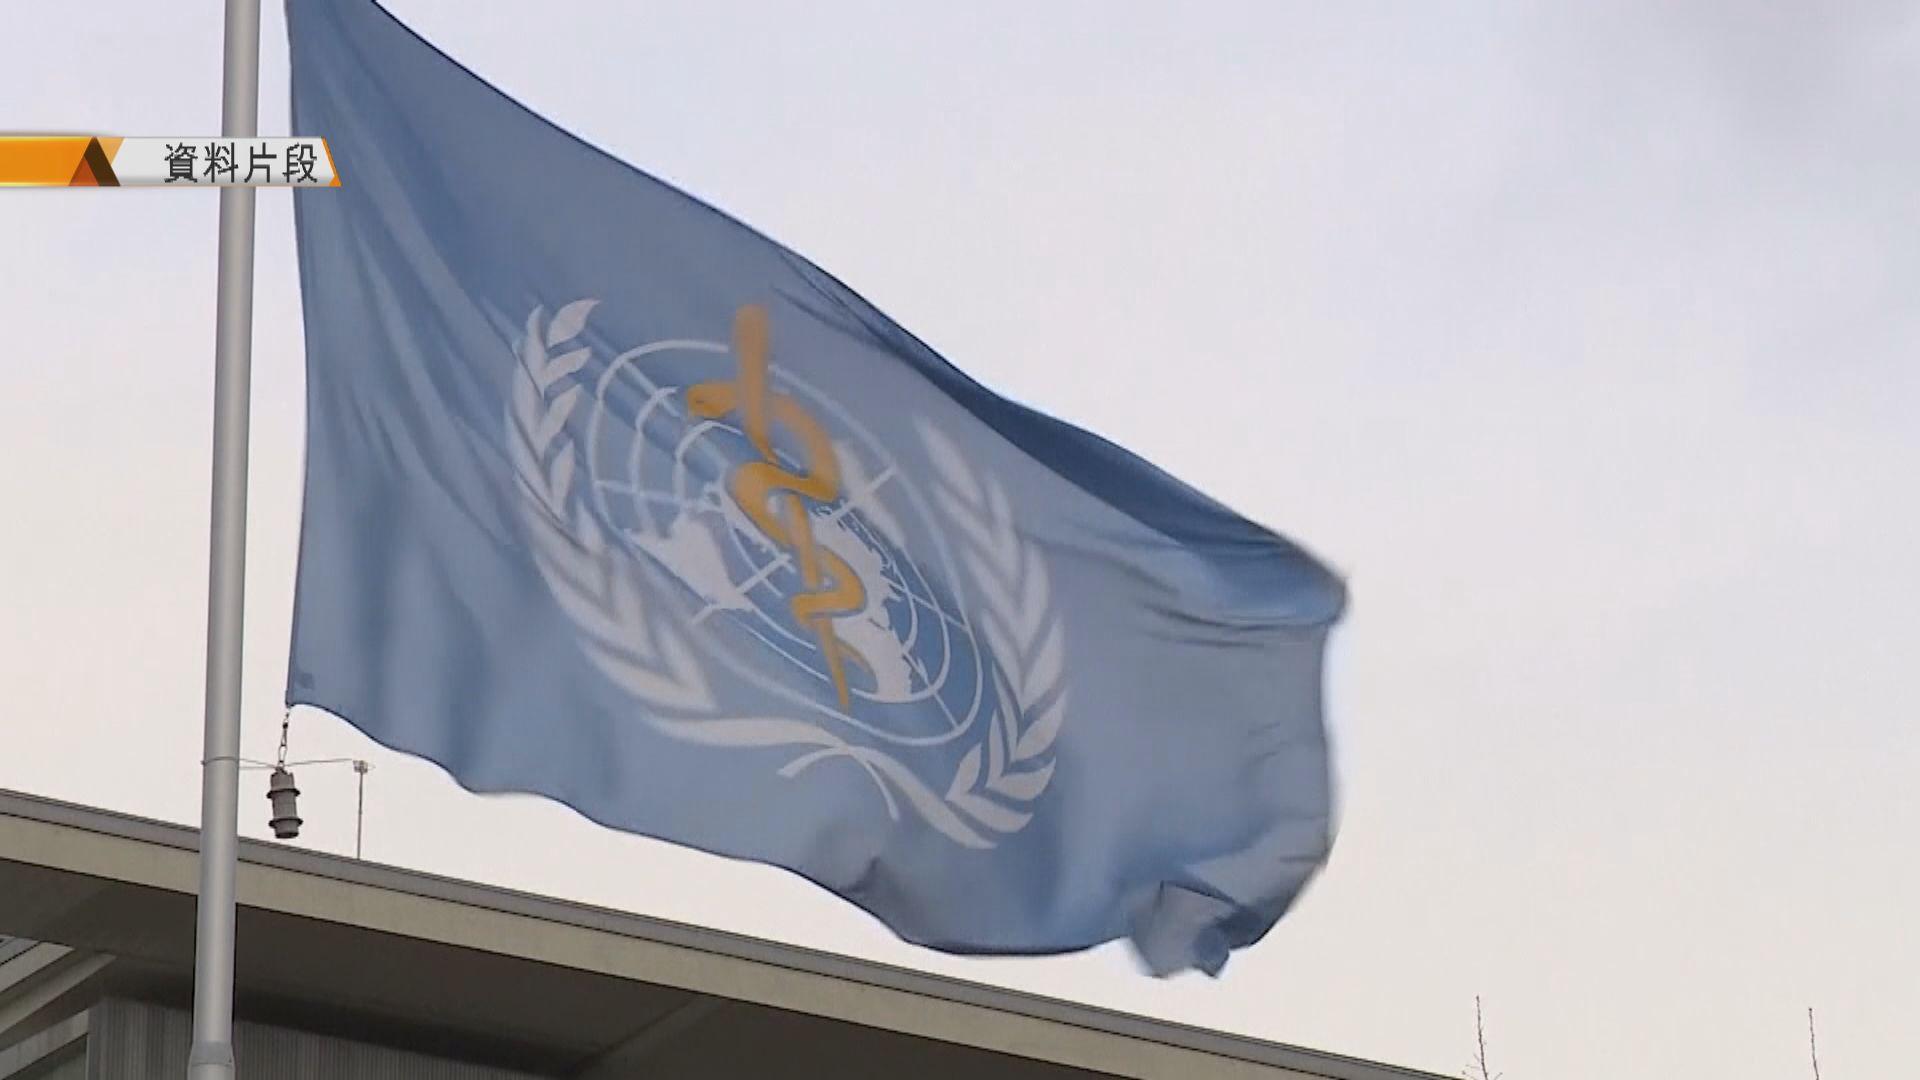 美國籲世衛邀台灣出席世界衛生大會